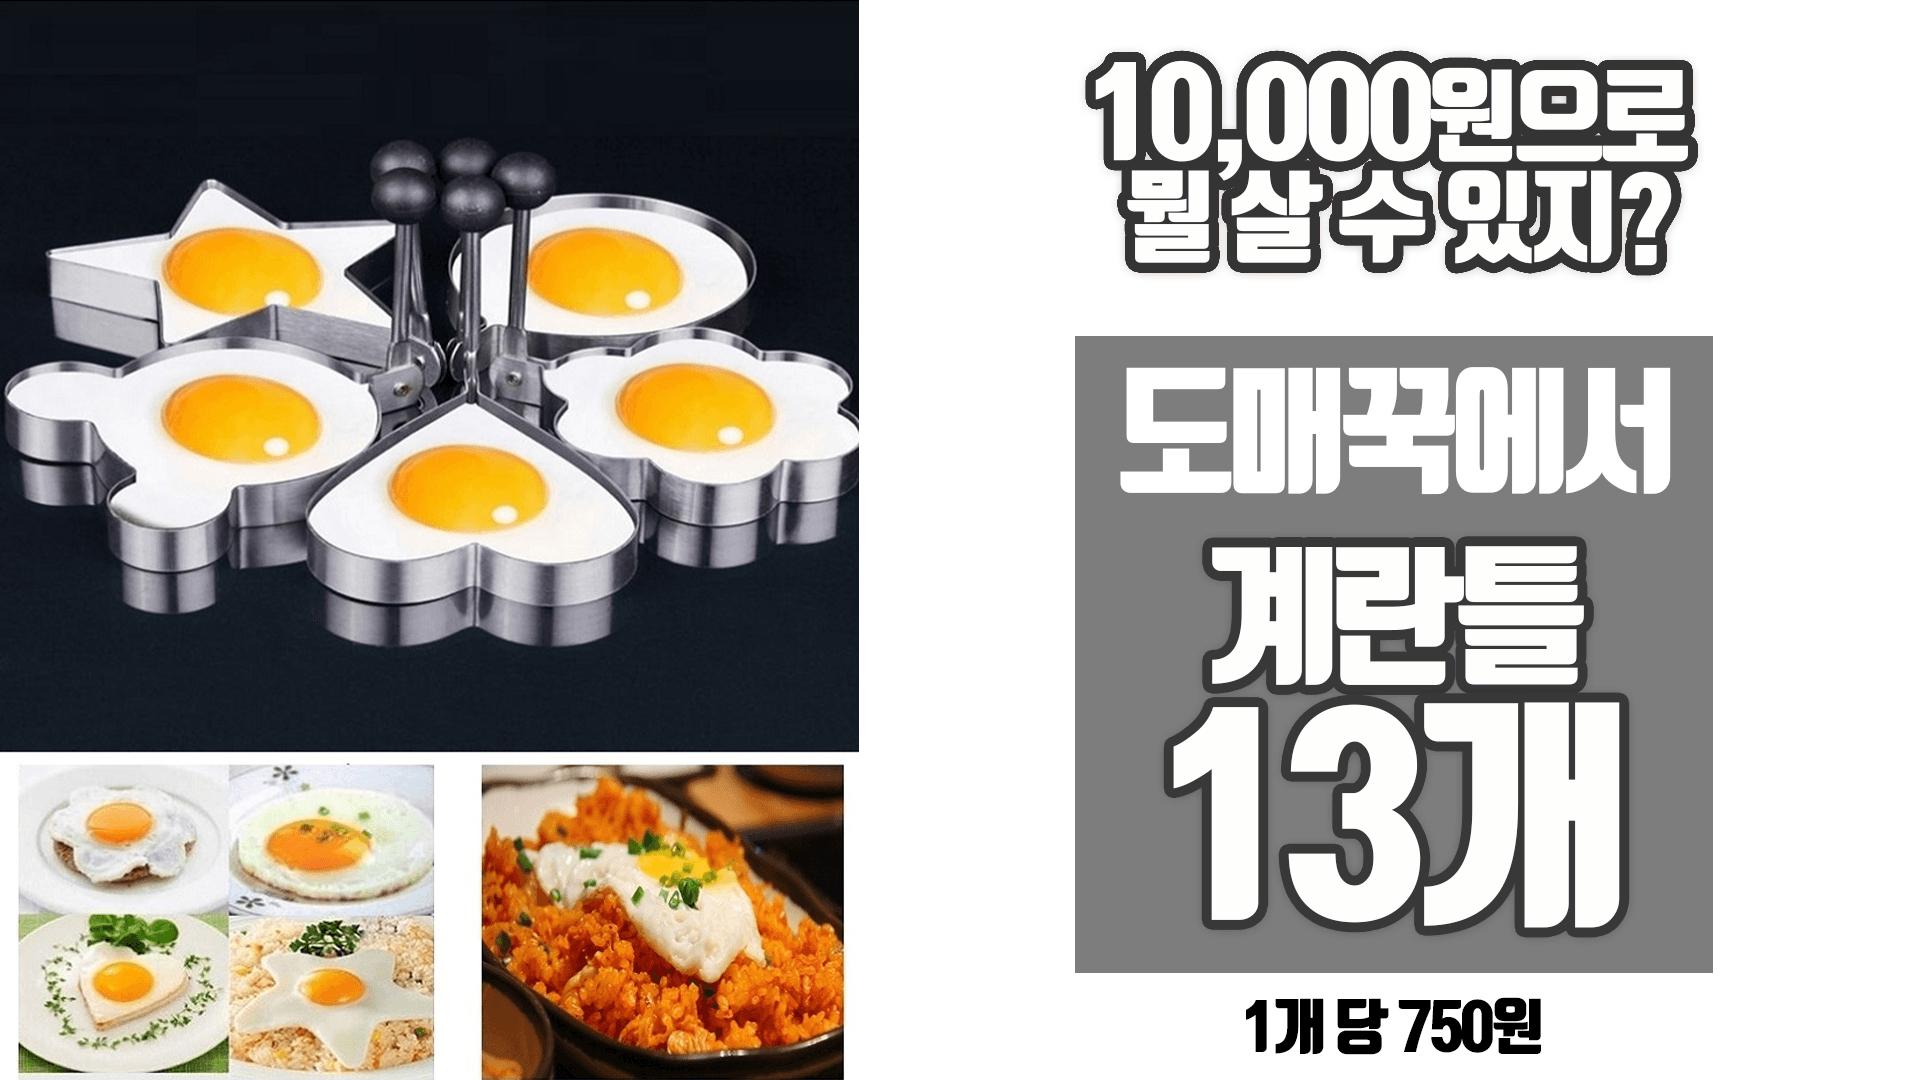 하트계란틀/계란틀/달걀틀